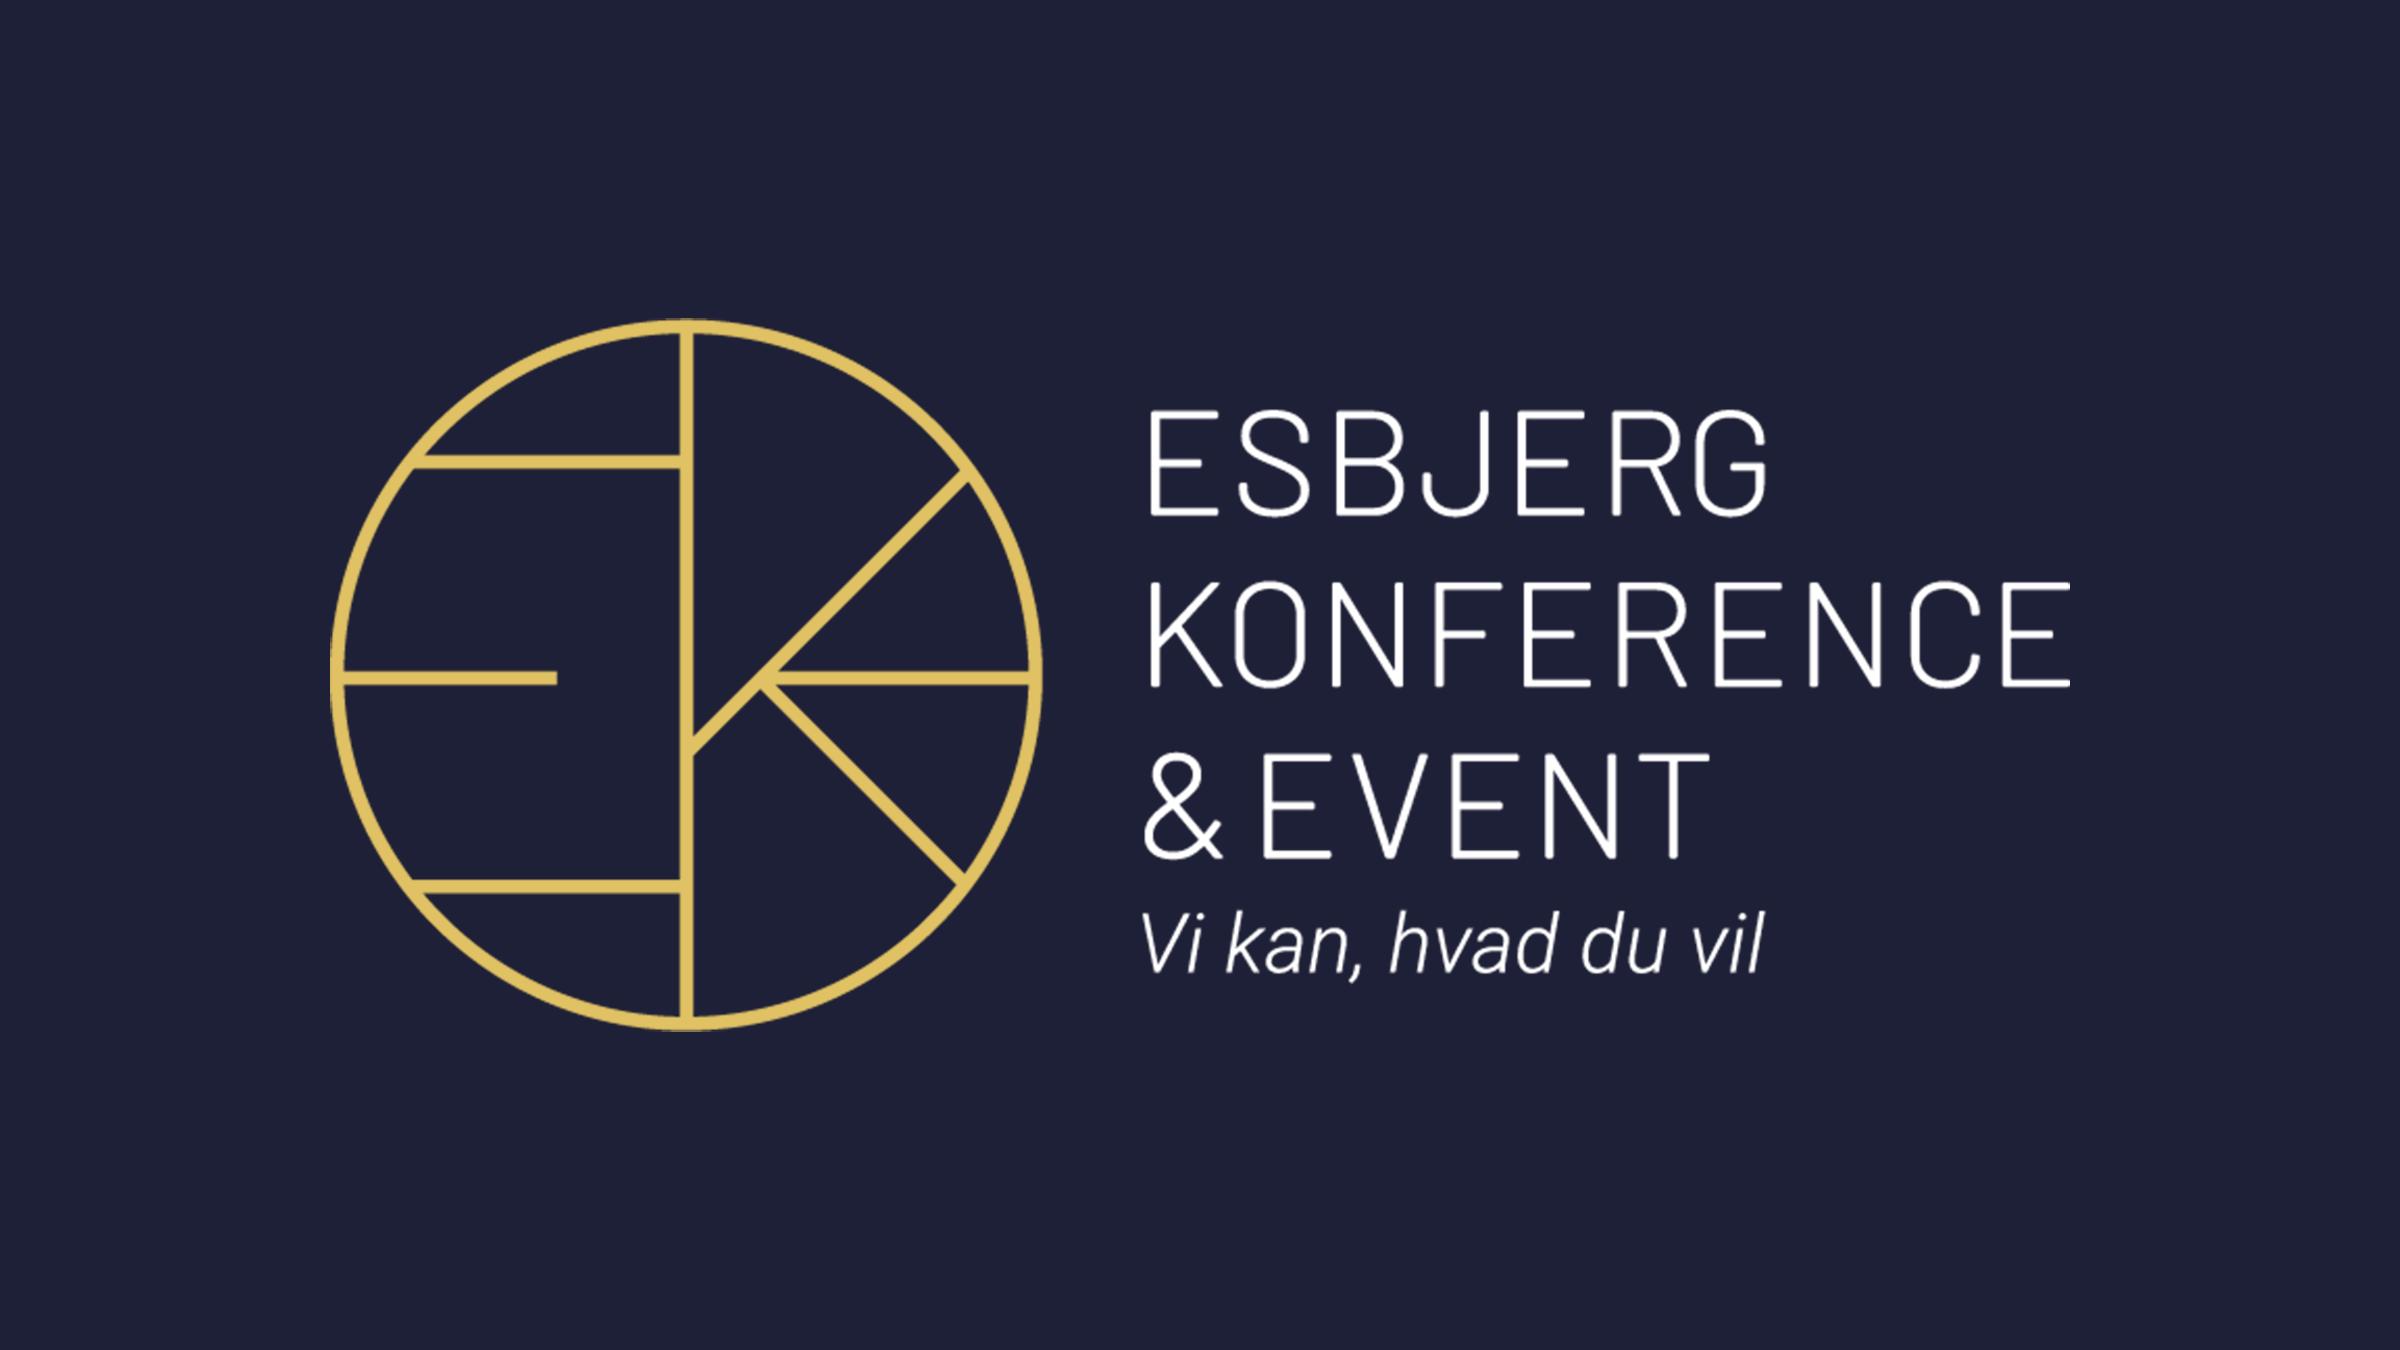 Esbjerg Konference & Event ser dagens lys